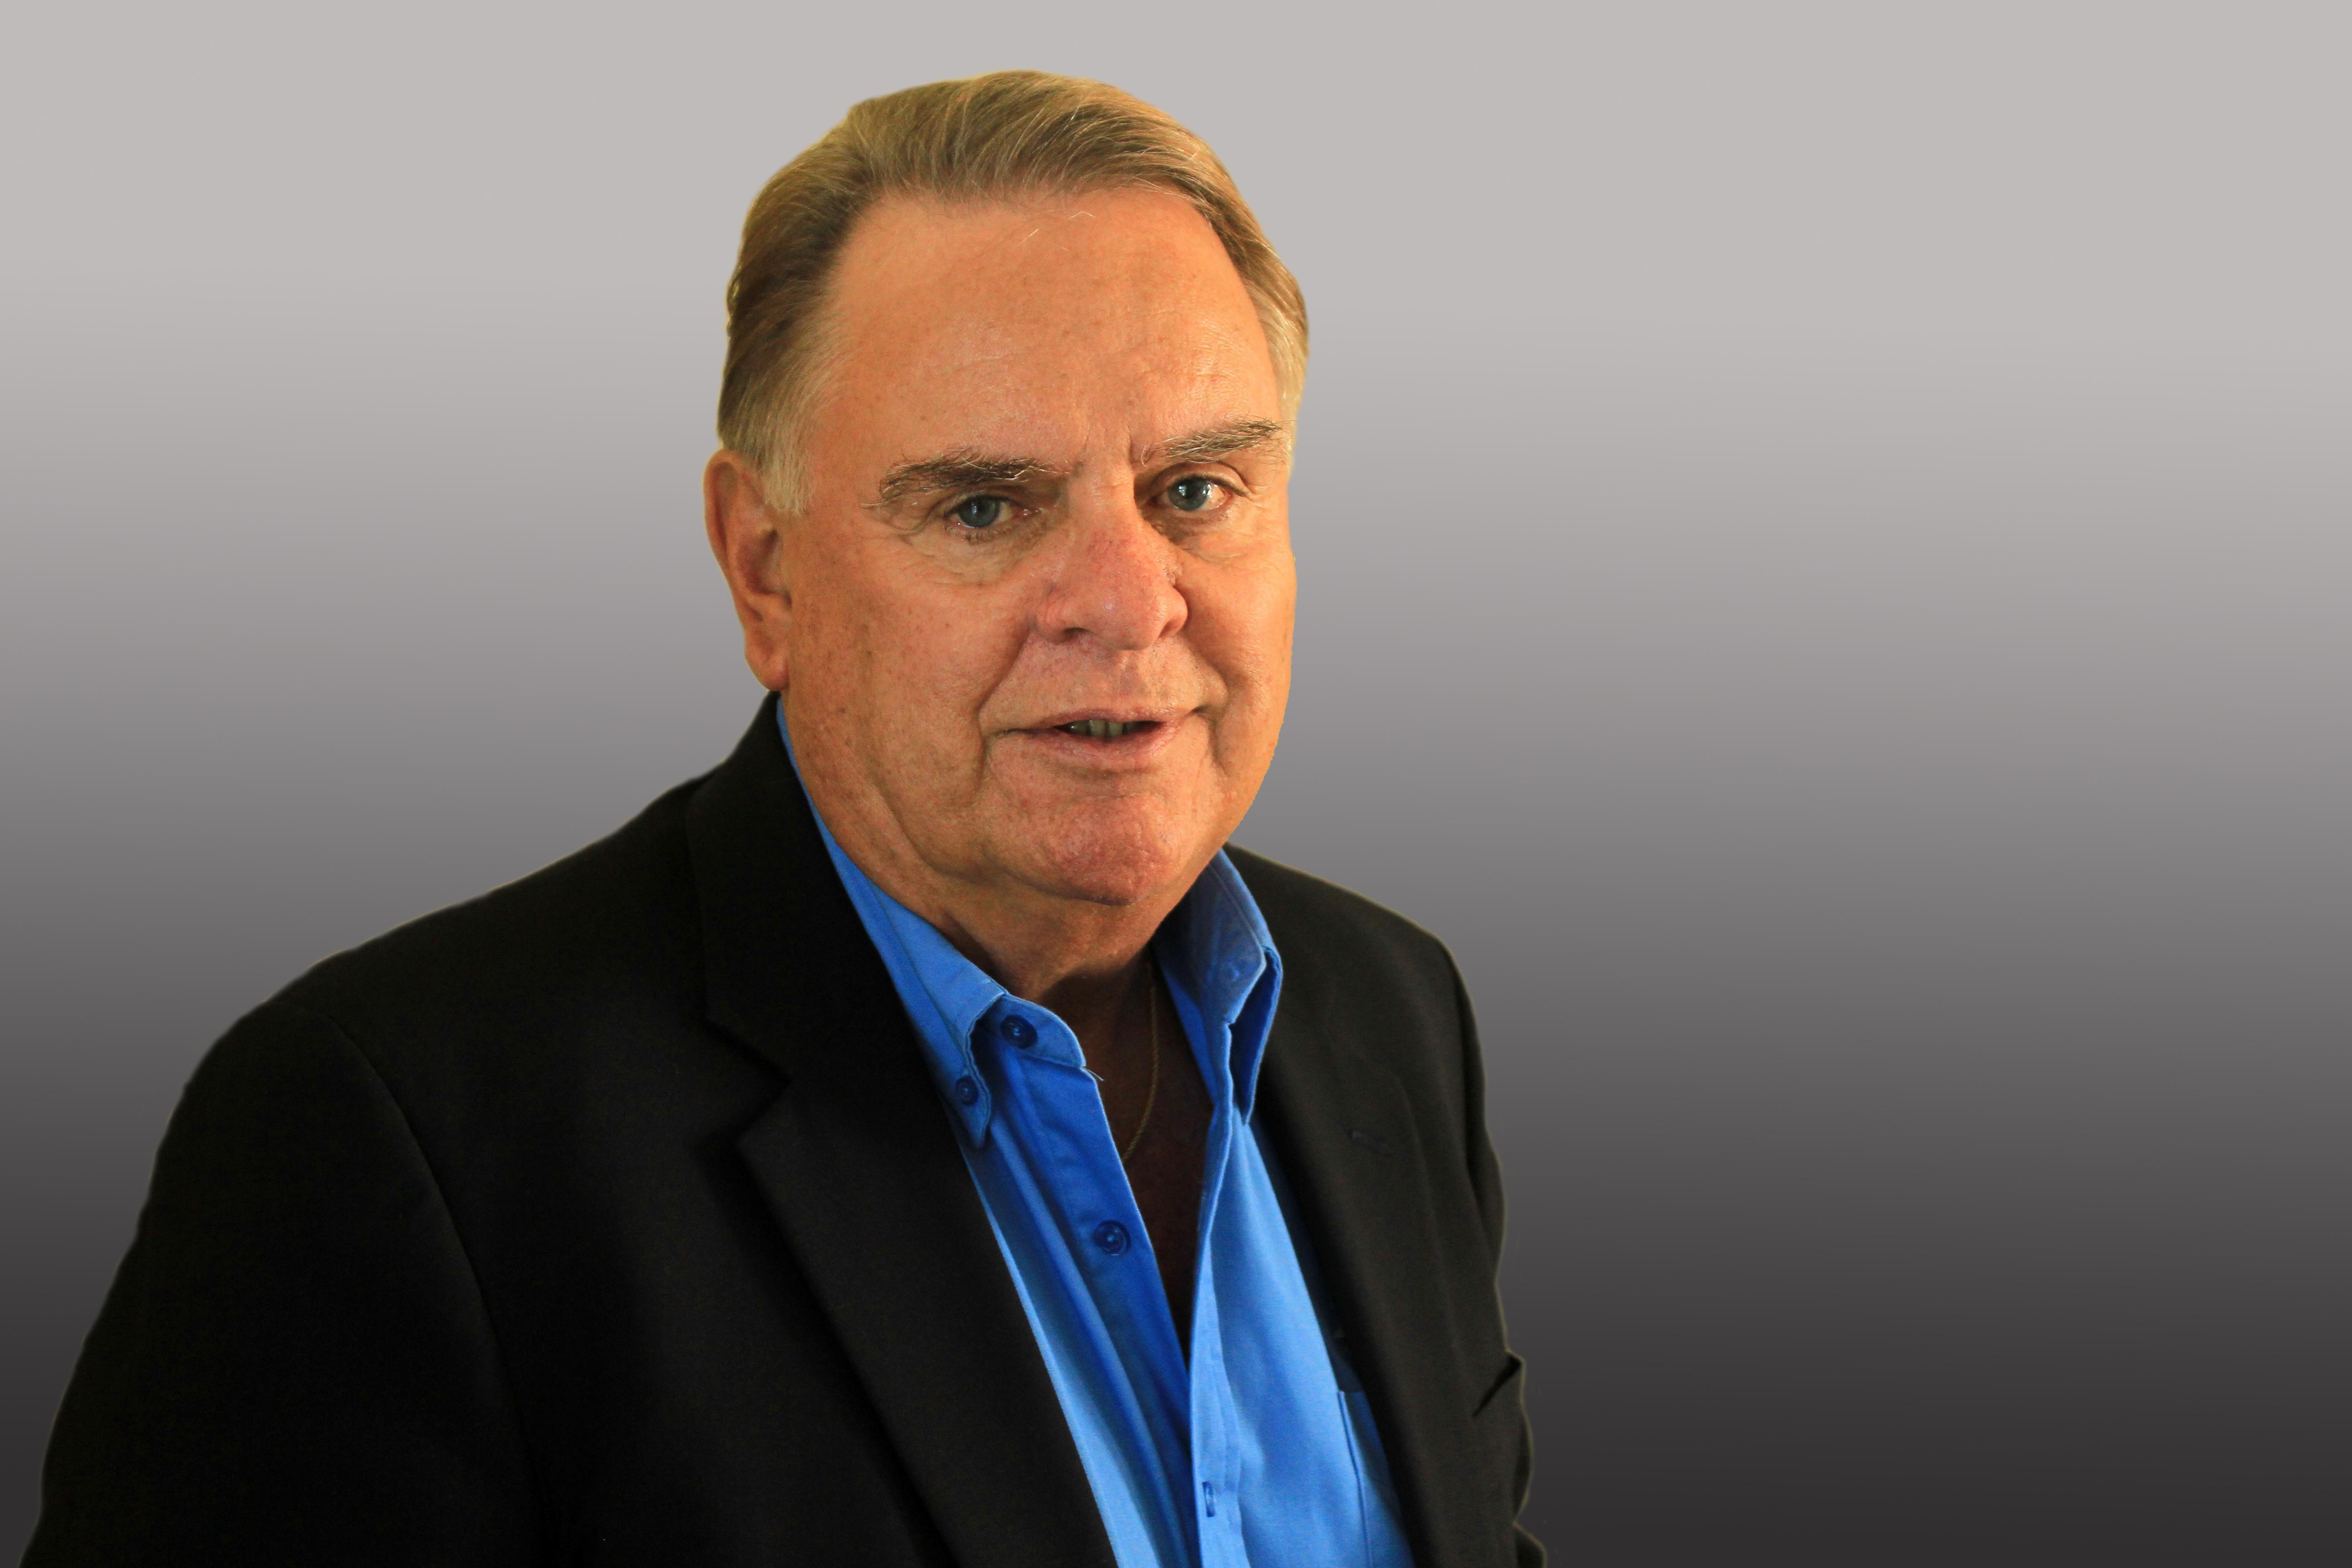 Bill Montross